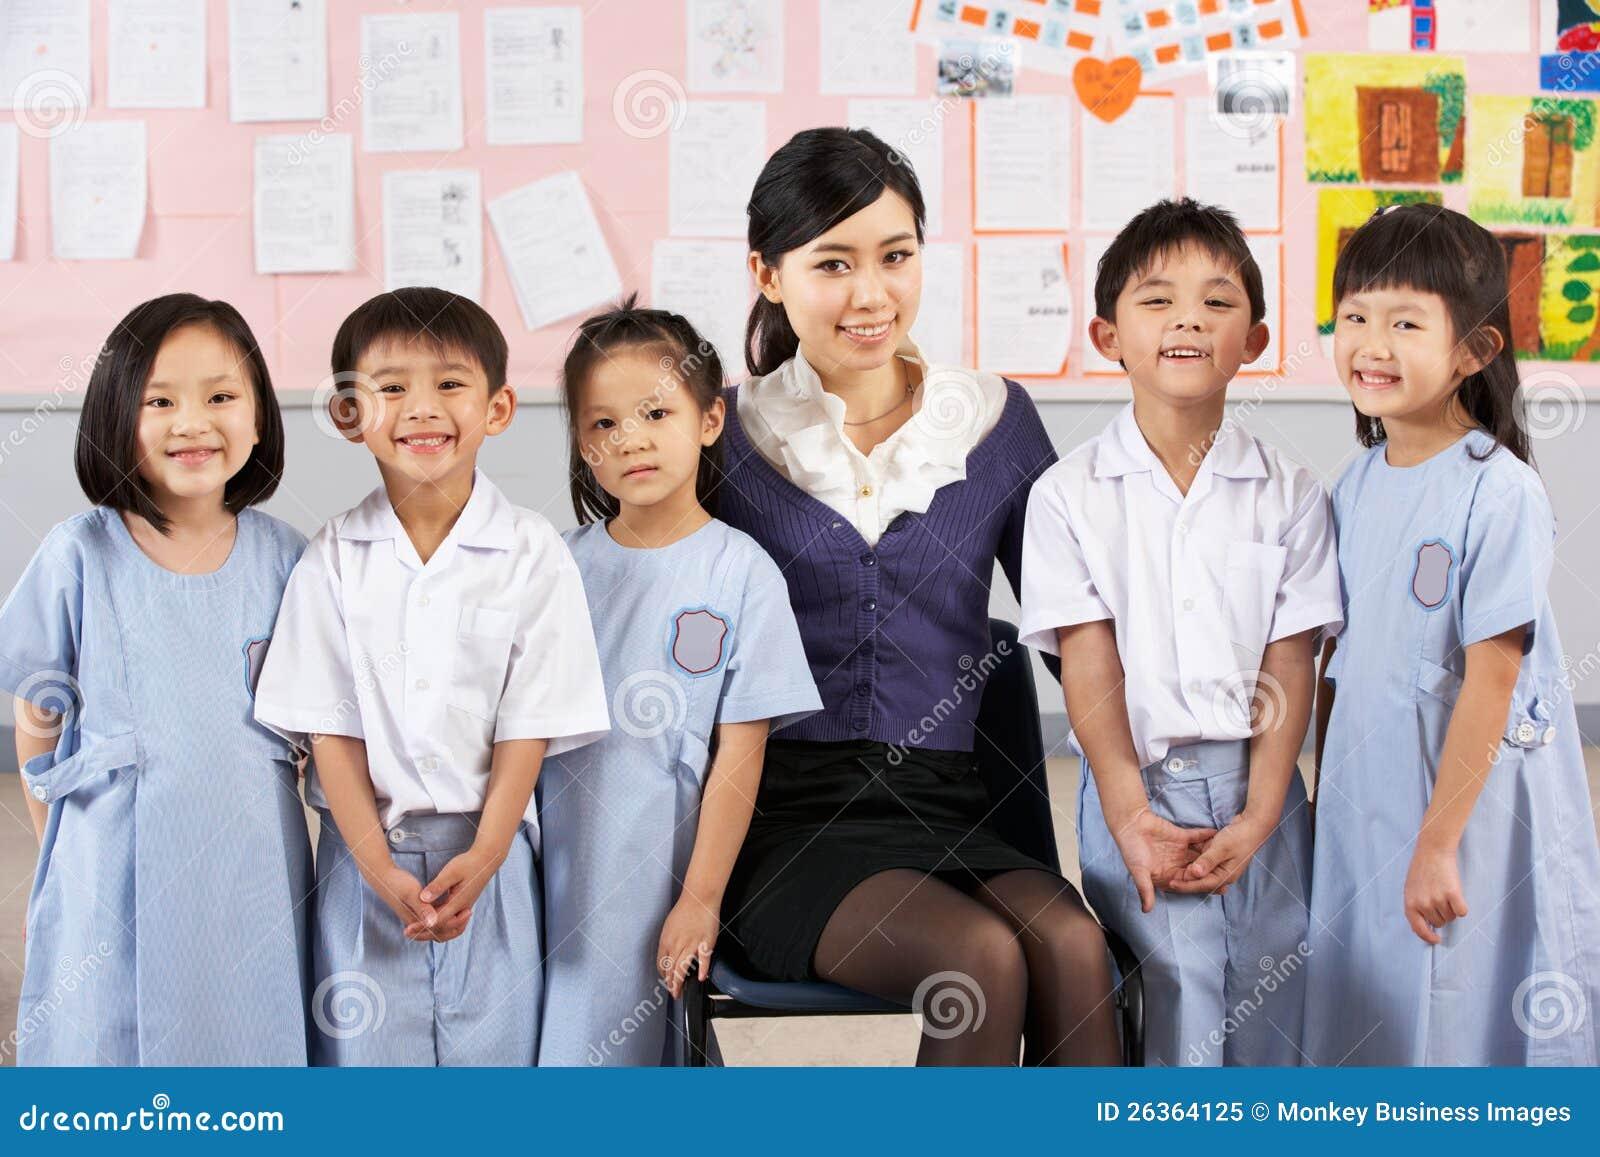 Portait des Lehrers und der Kursteilnehmer in der chinesischen Schule